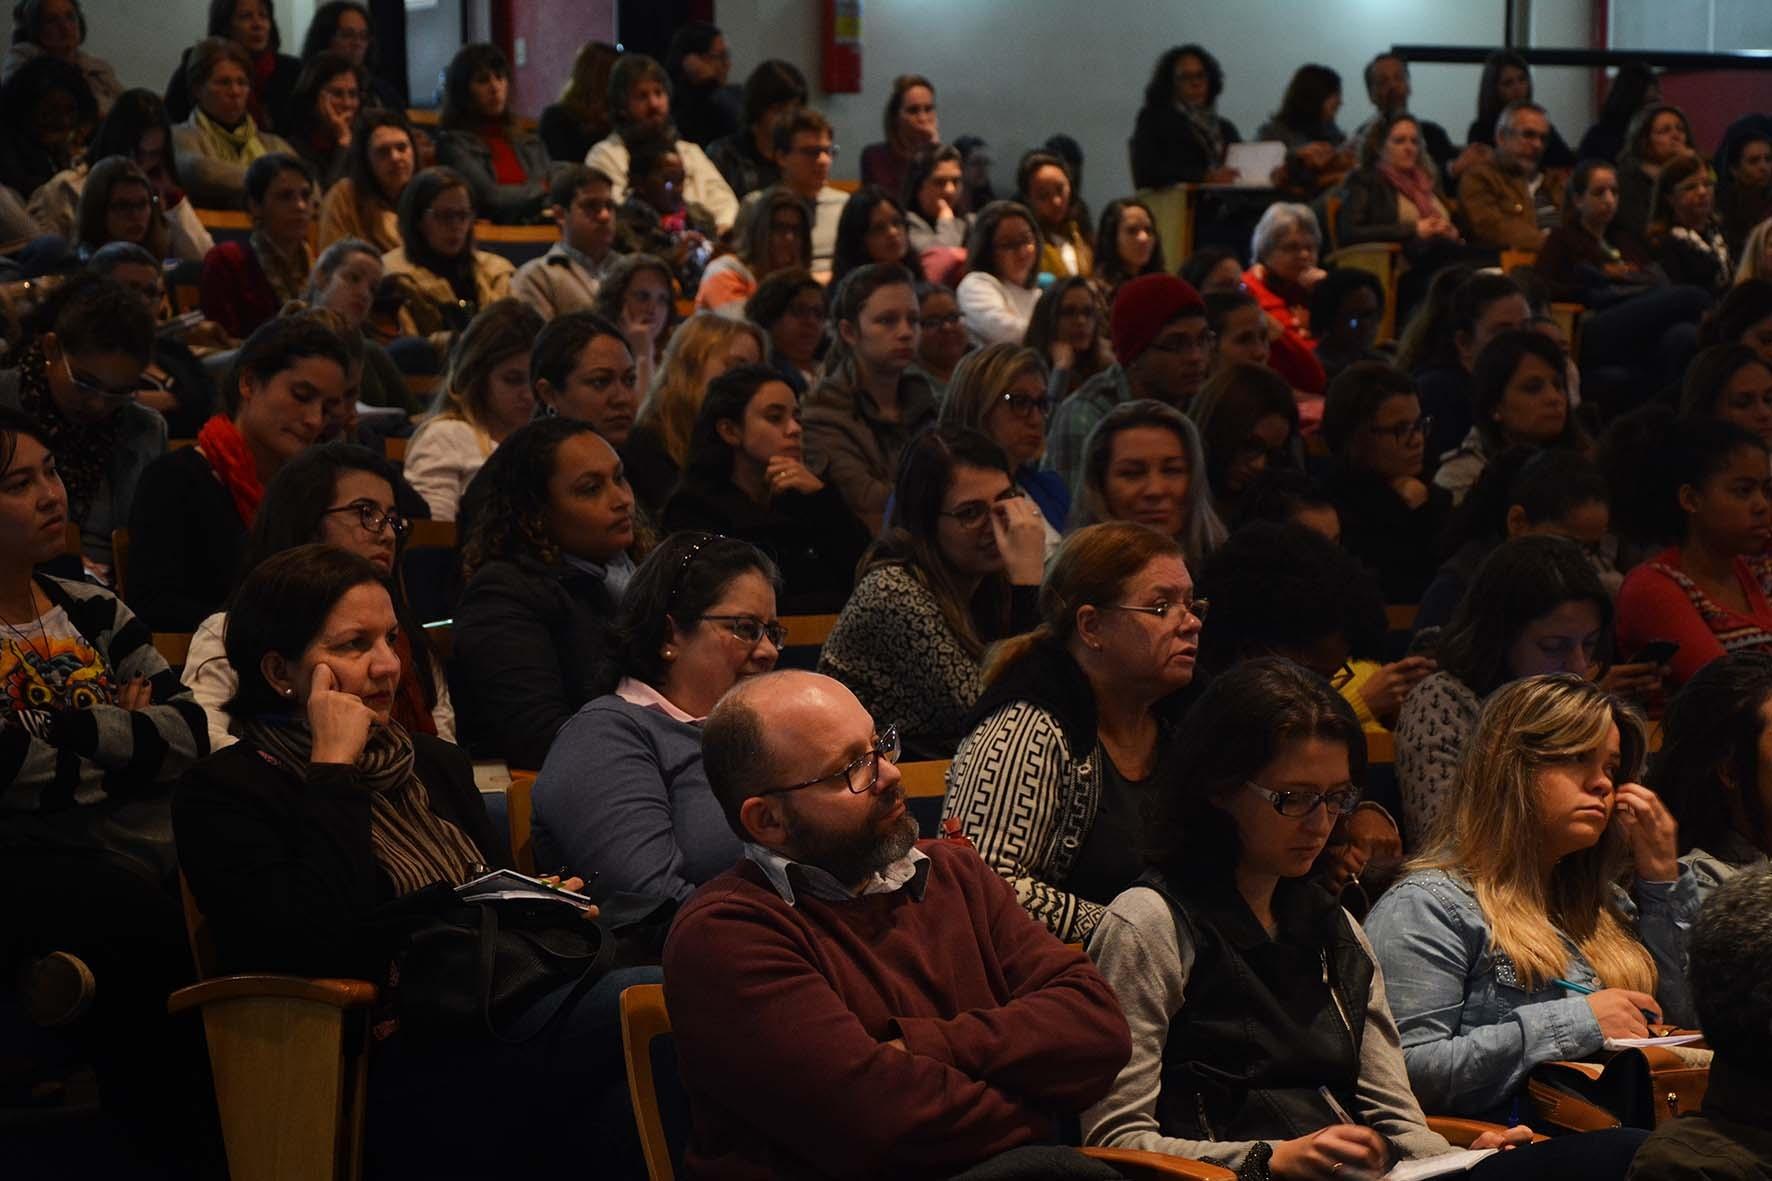 Evento organizado pelo Coletivo Paideia da FCM, em parceria com a Abrasco, lota auditório da faculdade em reflexão sobre o SUS e o direito à Saúde/Foto: Marcelo Oliveira